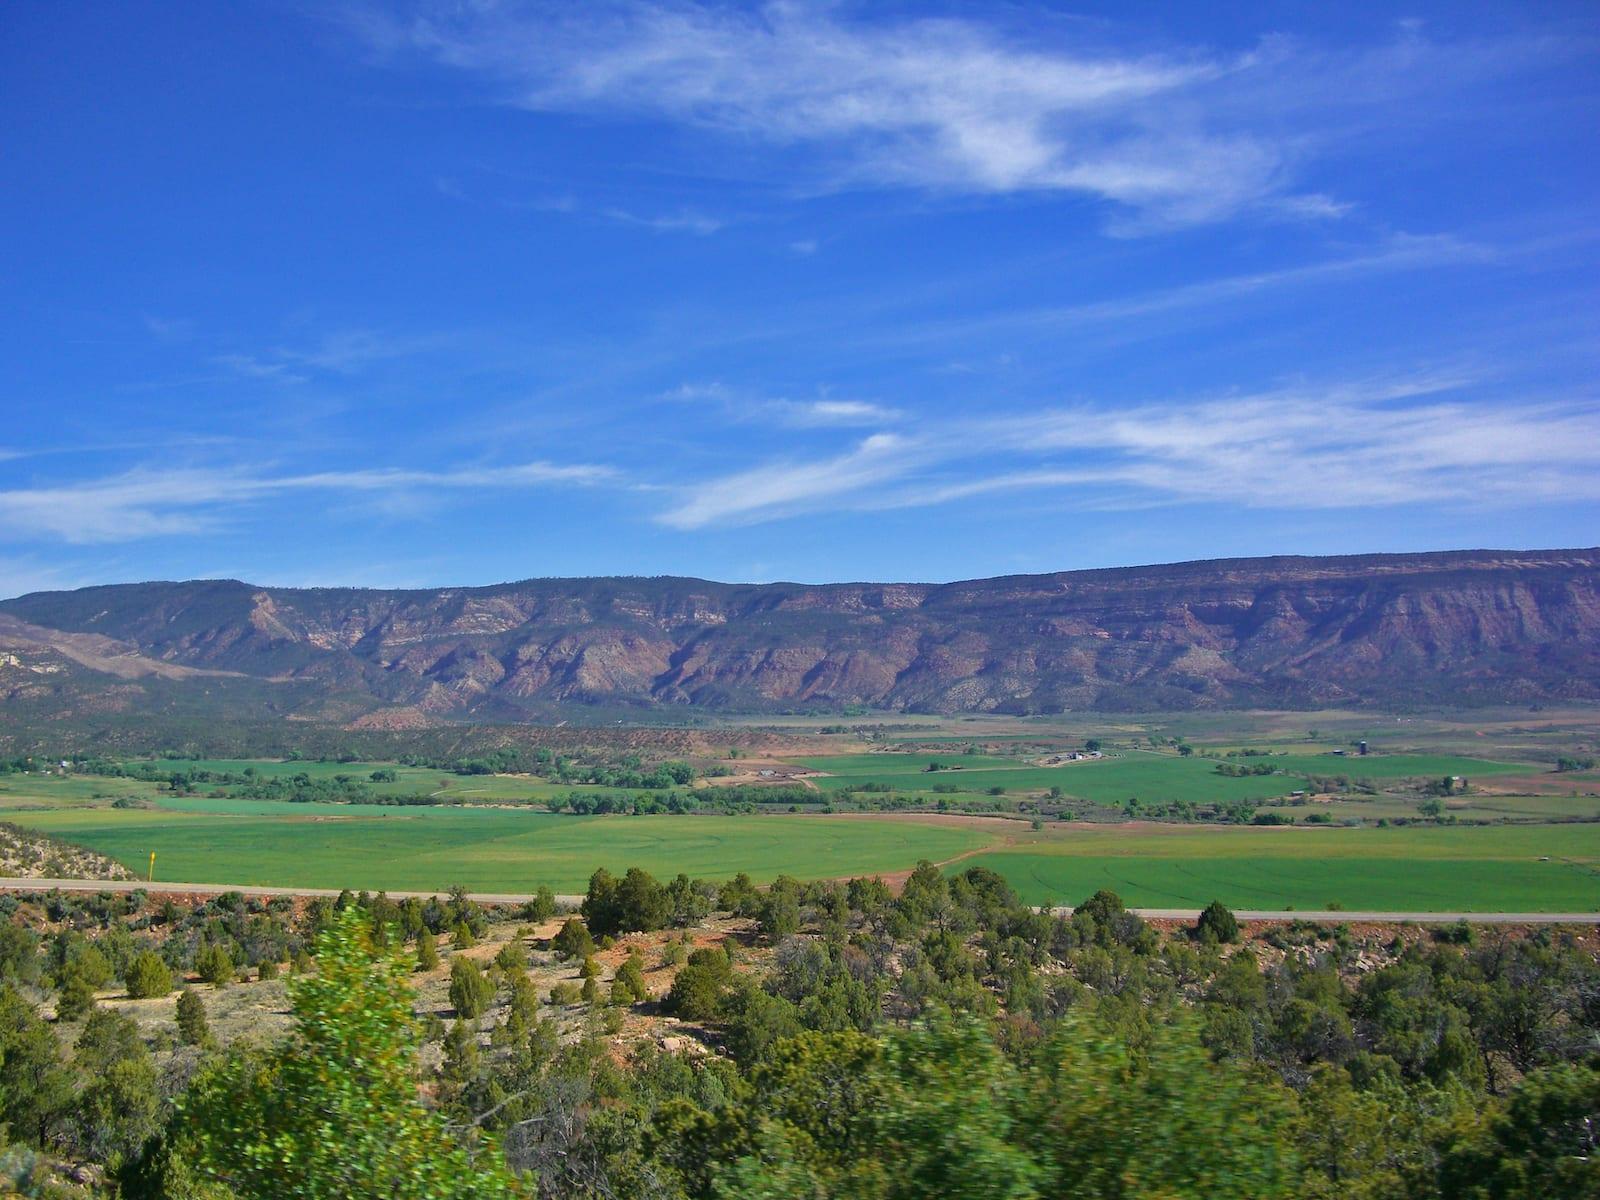 Naturita Colorado Landscape